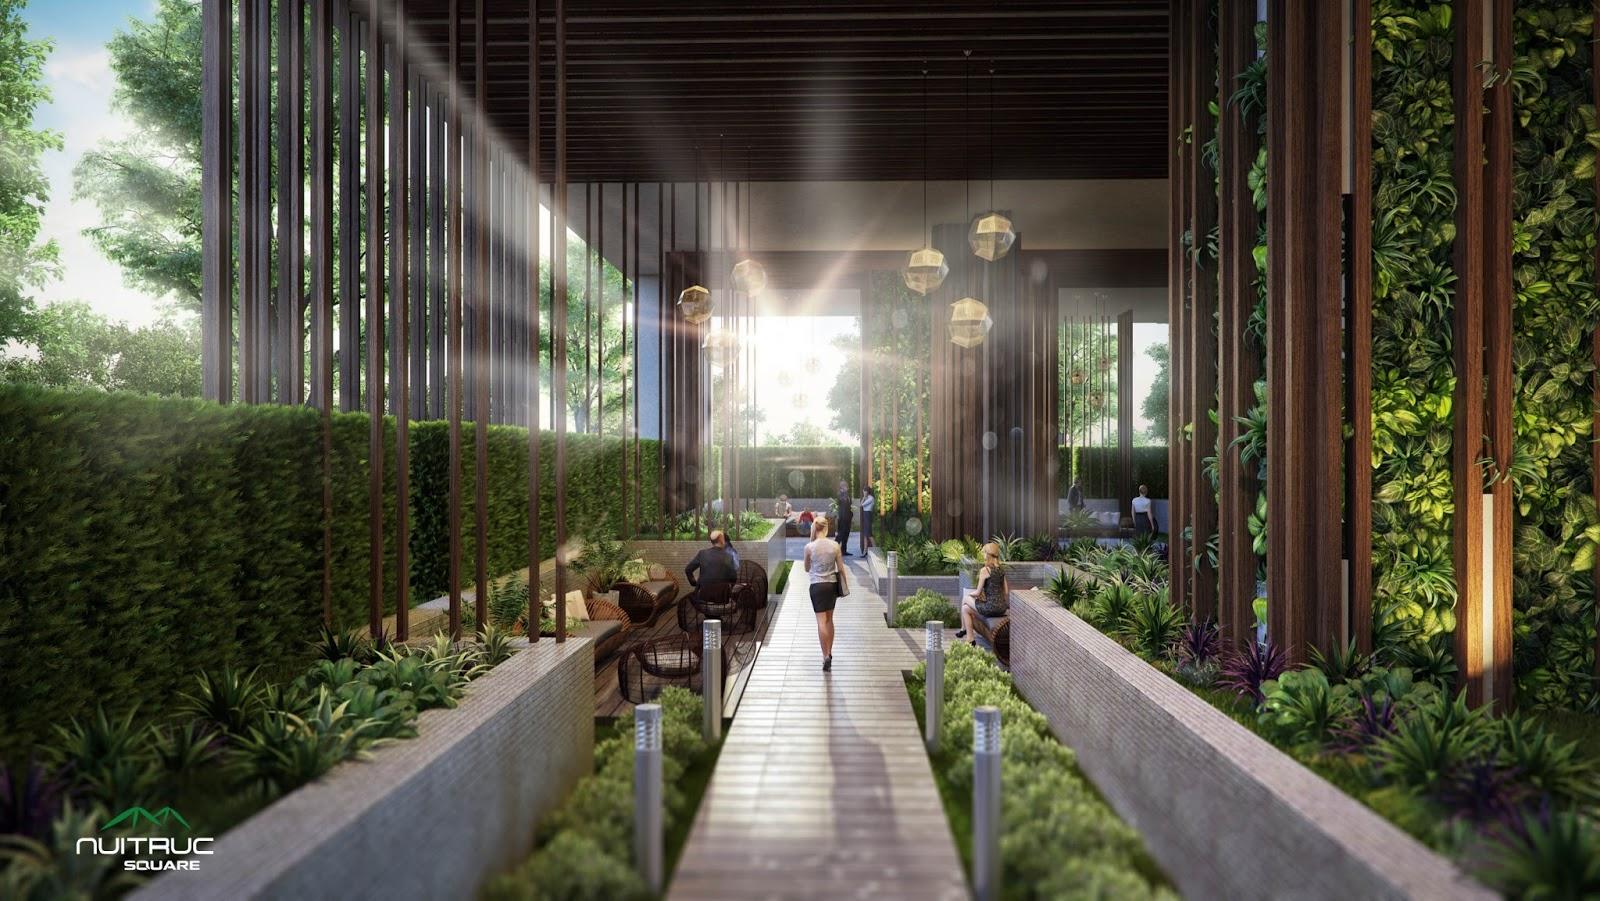 Không gian xanh của chung cư Núi Trúc